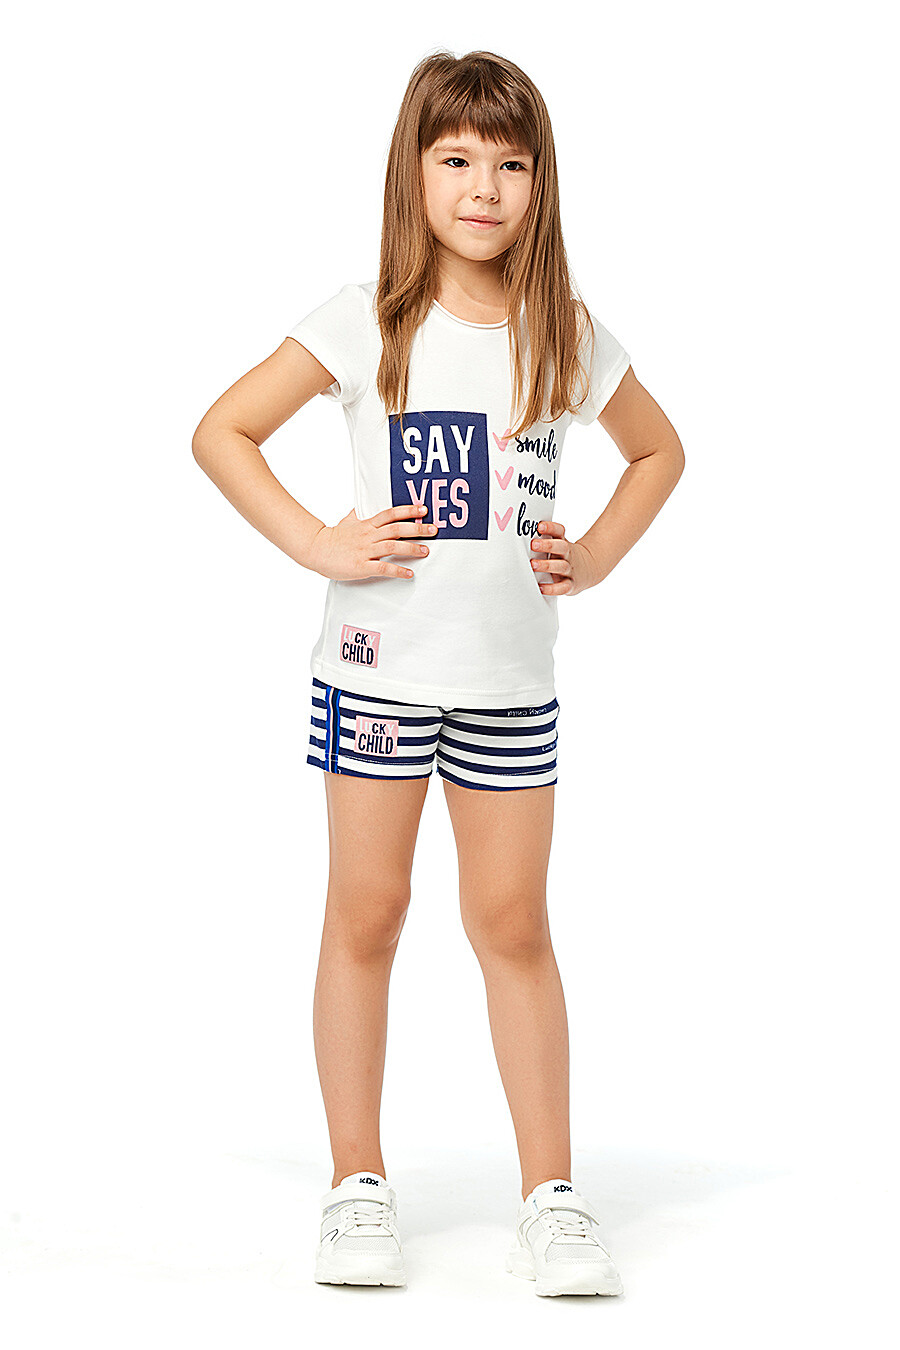 Футболка для девочек LUCKY CHILD 184447 купить оптом от производителя. Совместная покупка детской одежды в OptMoyo